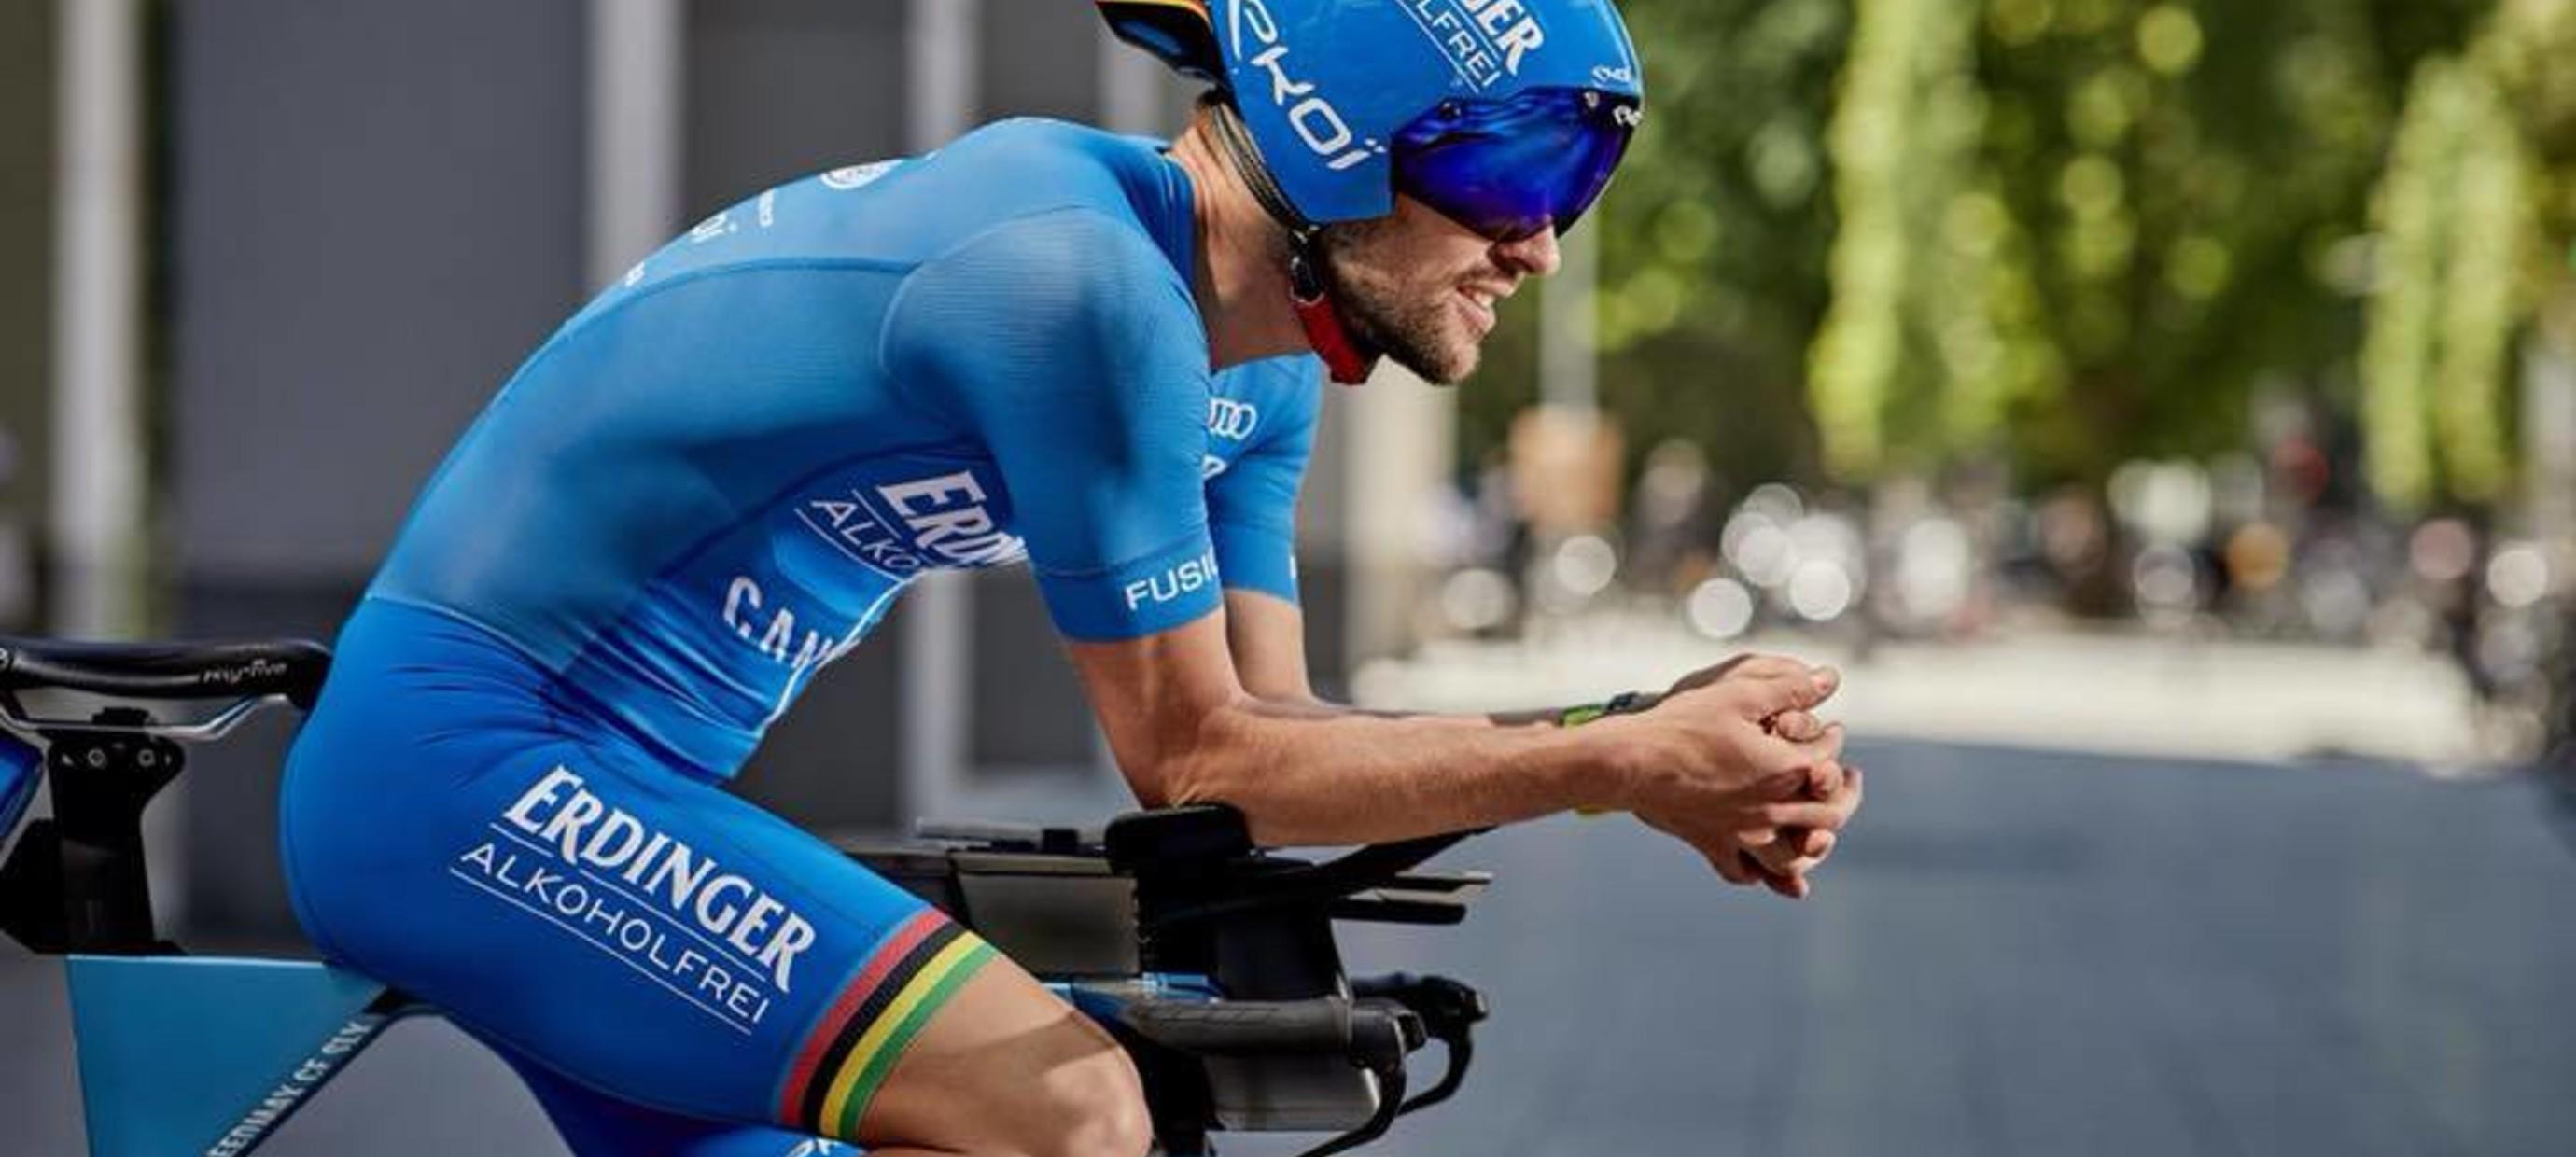 Wereldkampioen Patrick Lange verkozen tot 'Sportman van het jaar'.